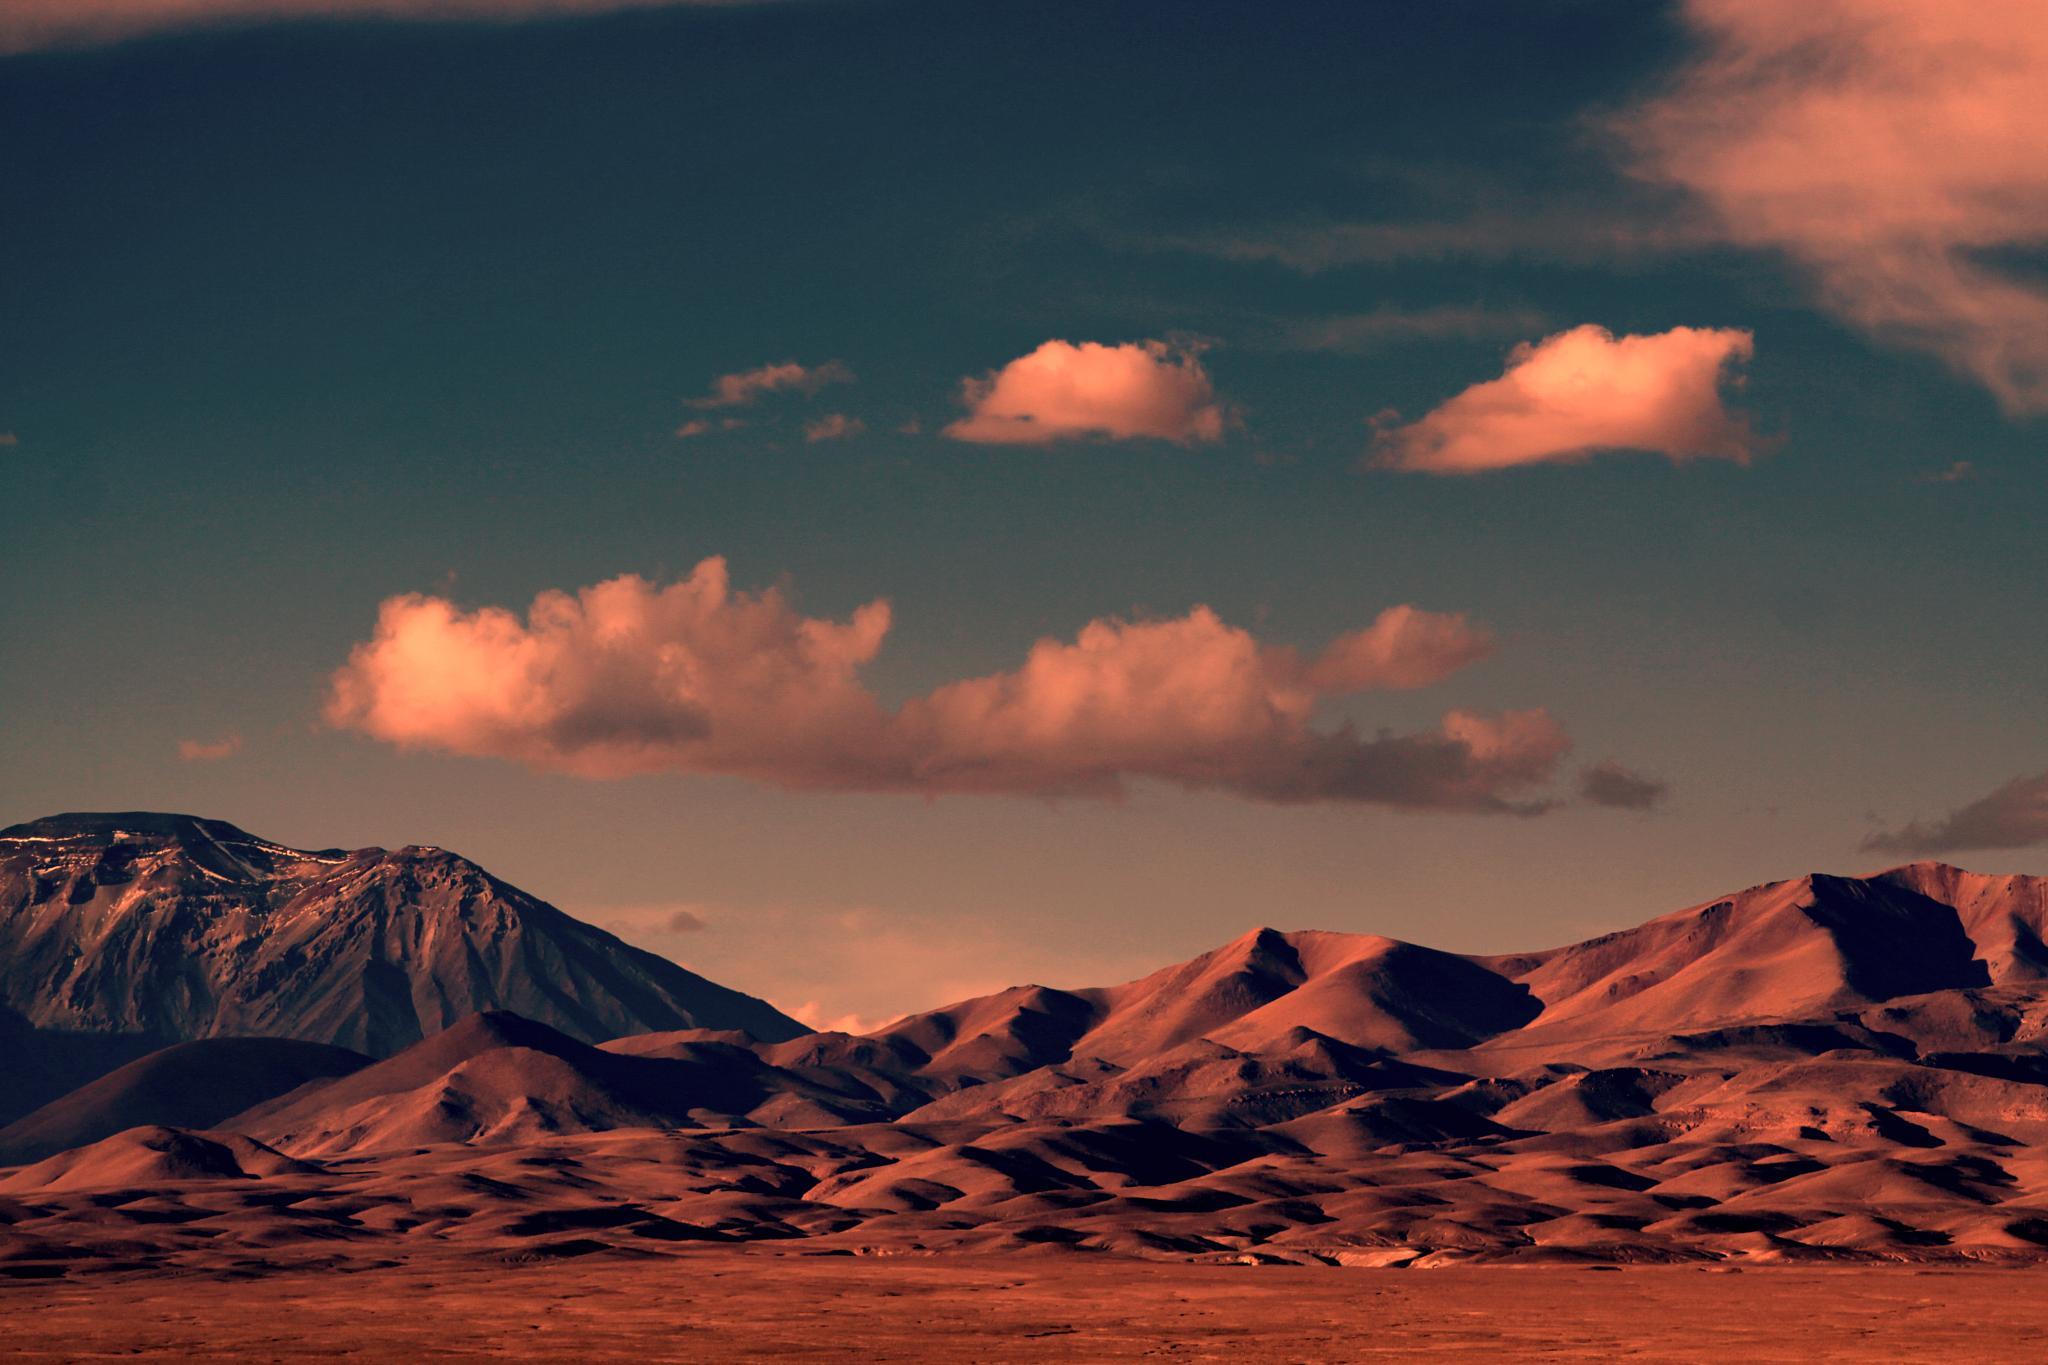 Desierto mágico by Anadgar03